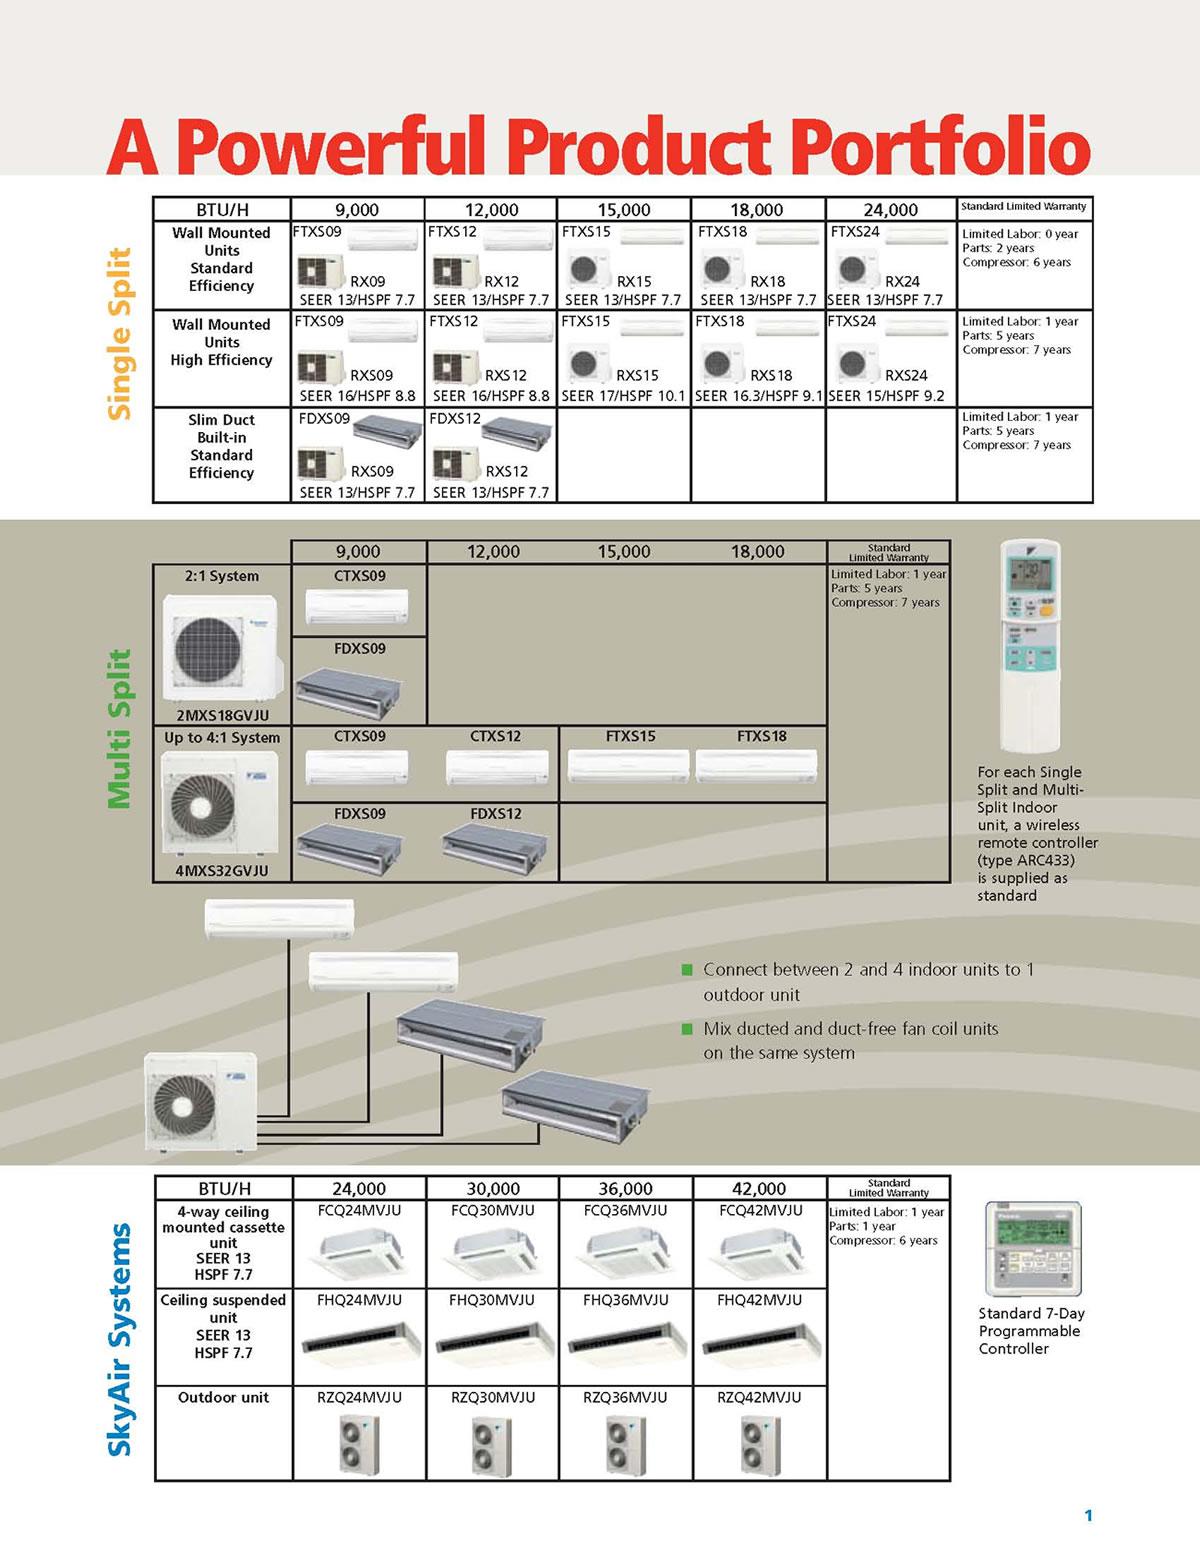 charming mitsubishi ductless split system wiring diagram rh:binvm us | 828